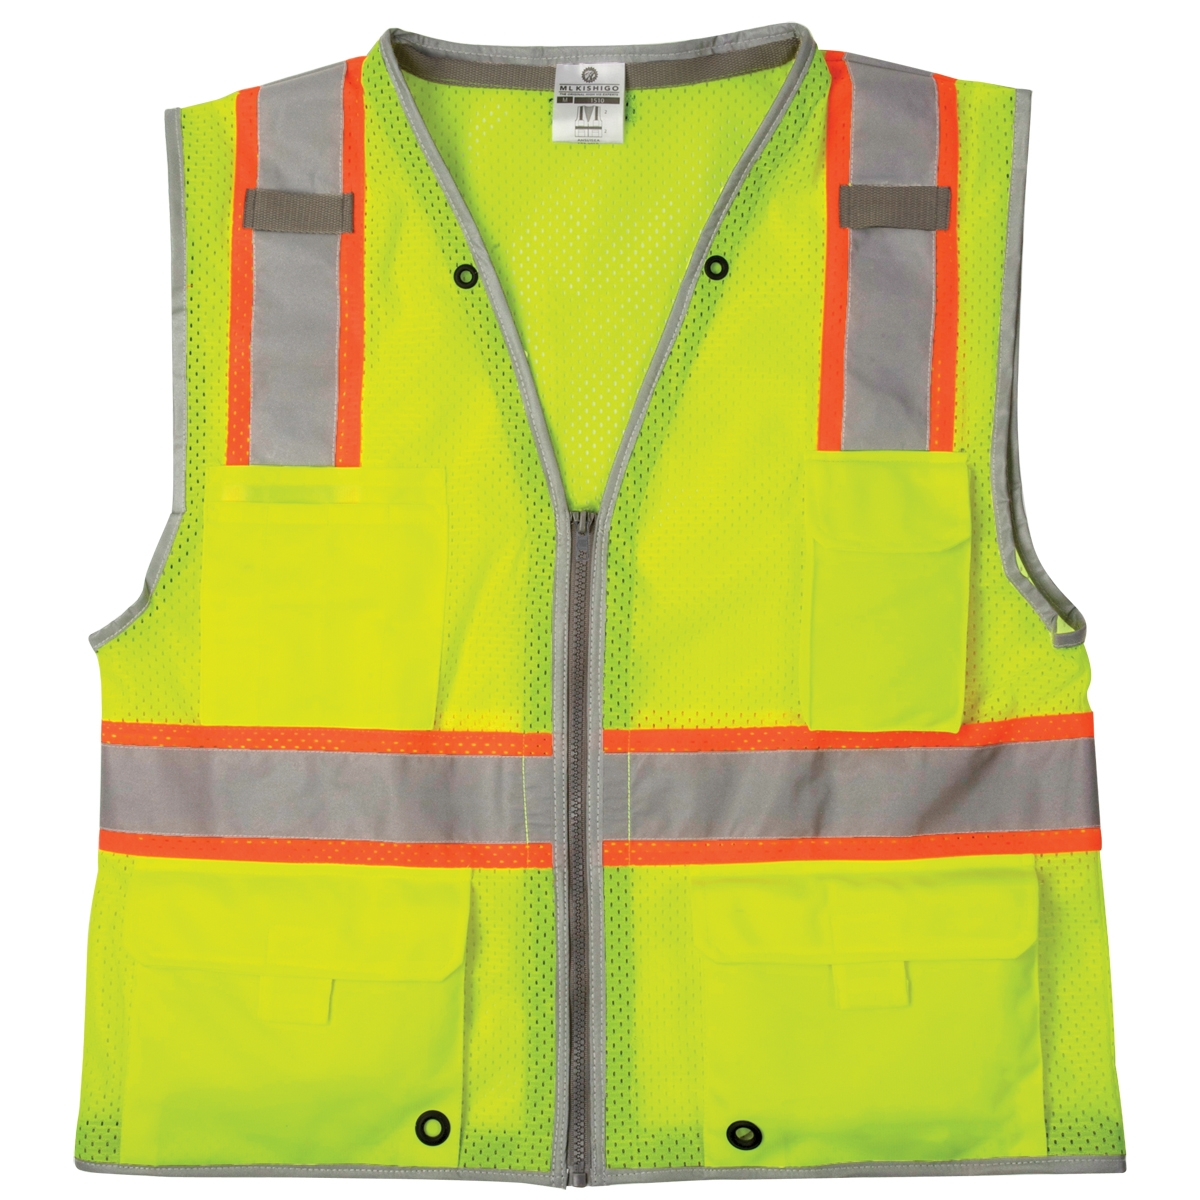 Ml Kishigo 1510 Brilliant Series Heavy Duty Safety Vest